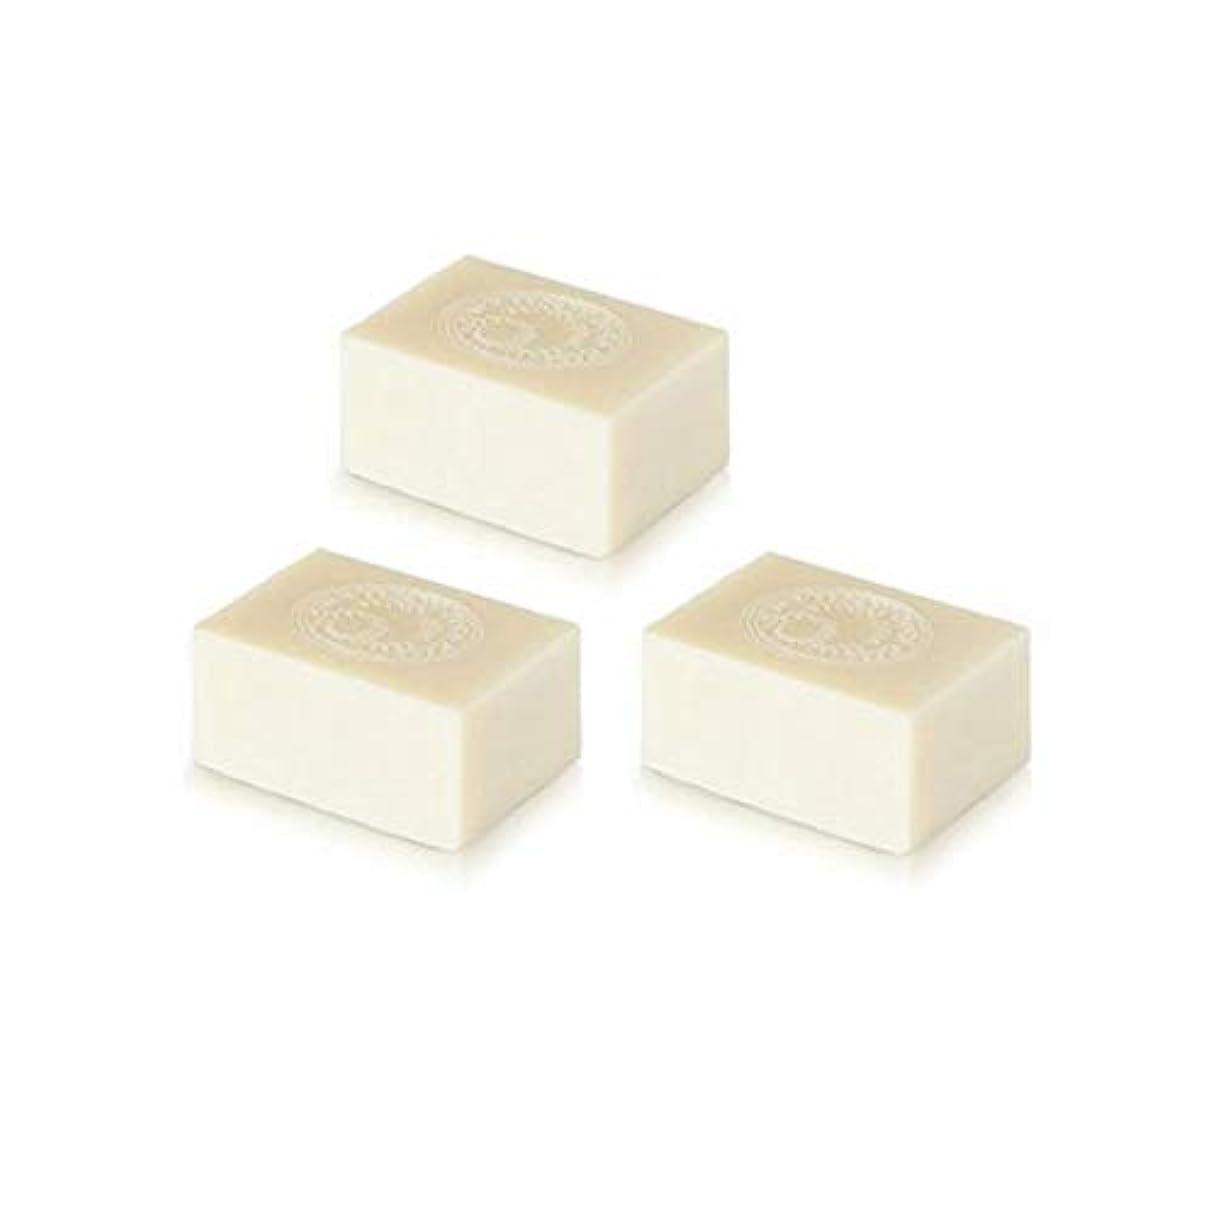 眉をひそめる橋脚外交アルガン石鹸3個セット( 145g ×3個) アルガンオイルの完全無添加石鹸